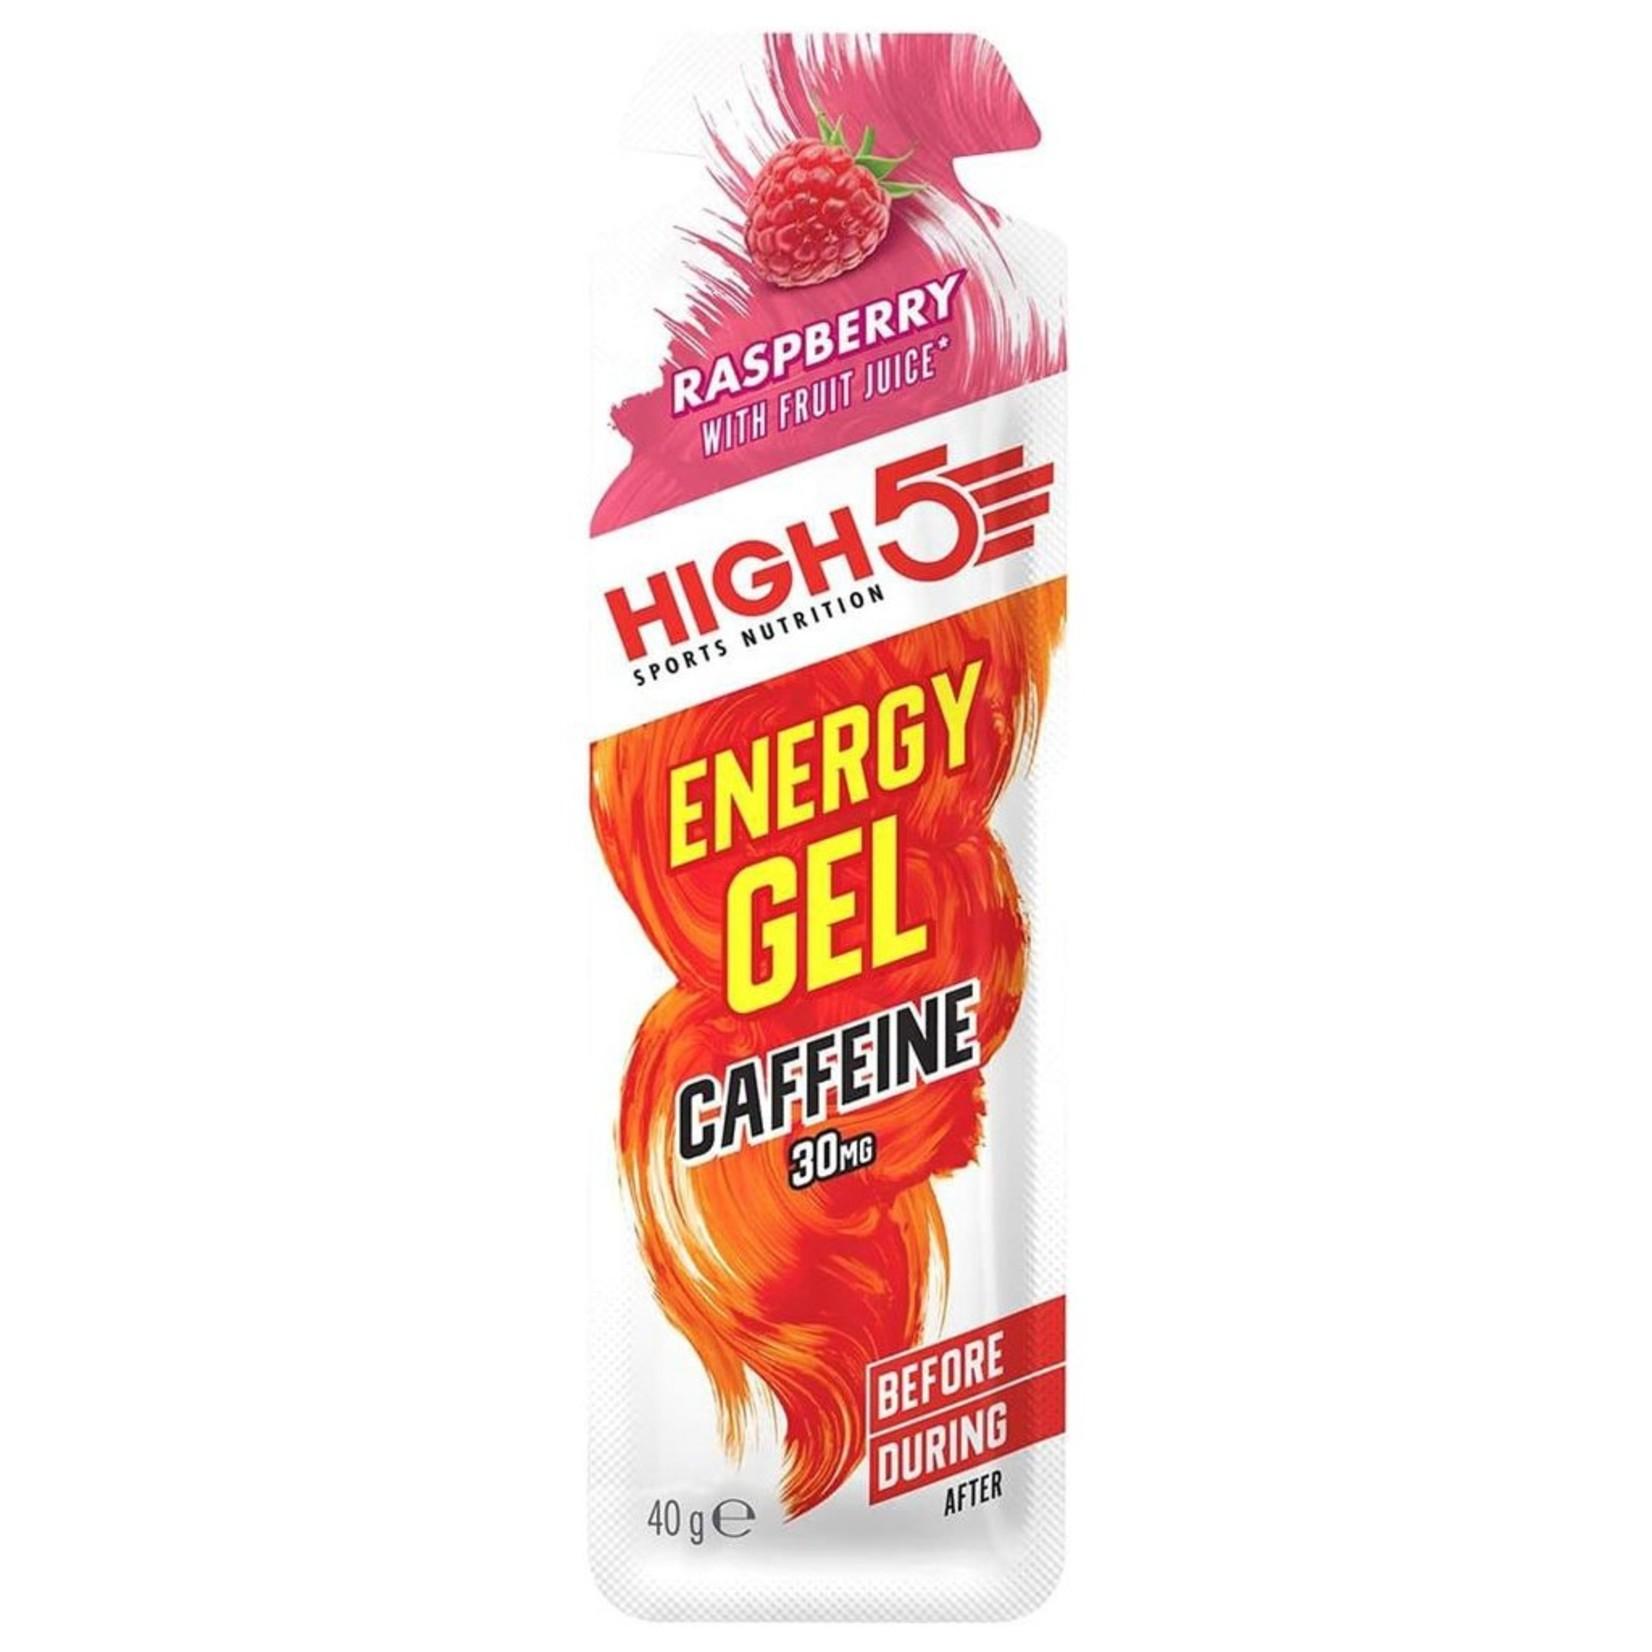 High 5 HIGH 5 ENERGY GEL